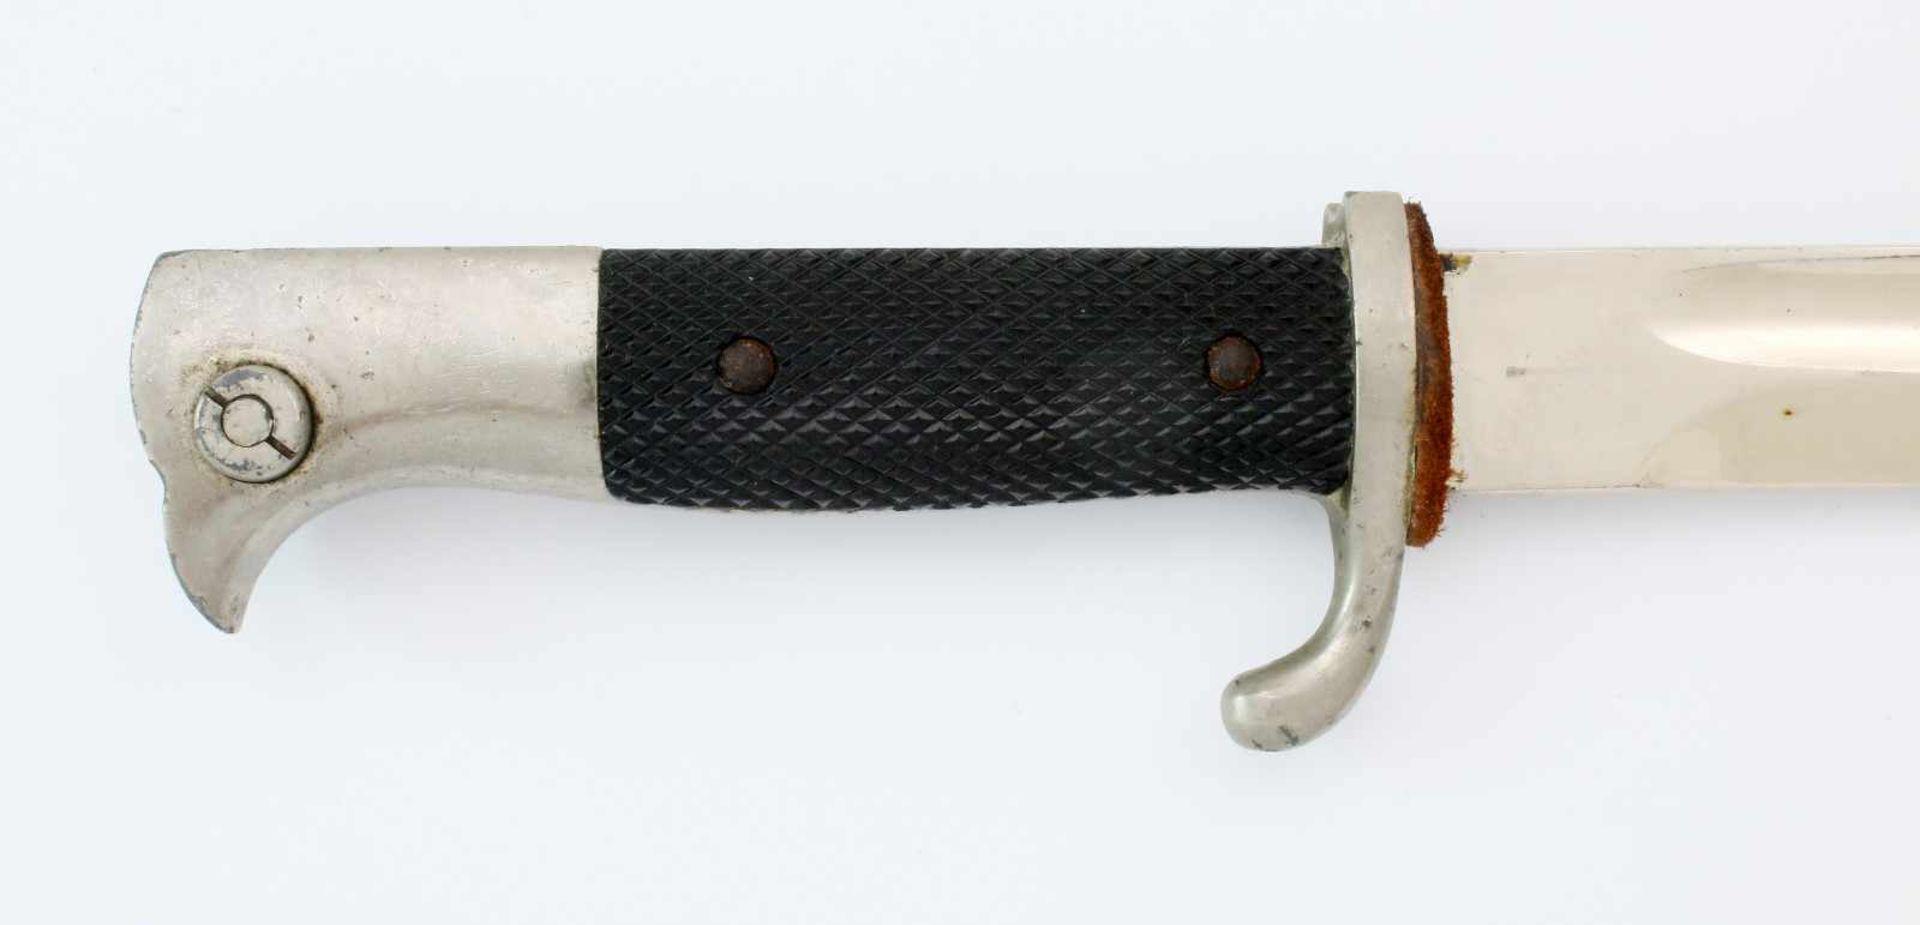 Deutsches Reich - Extra-Seitengewehr 84/98Aufpflanzbares Eigentumsstück. Blanke, vernickelte, - Bild 3 aus 5